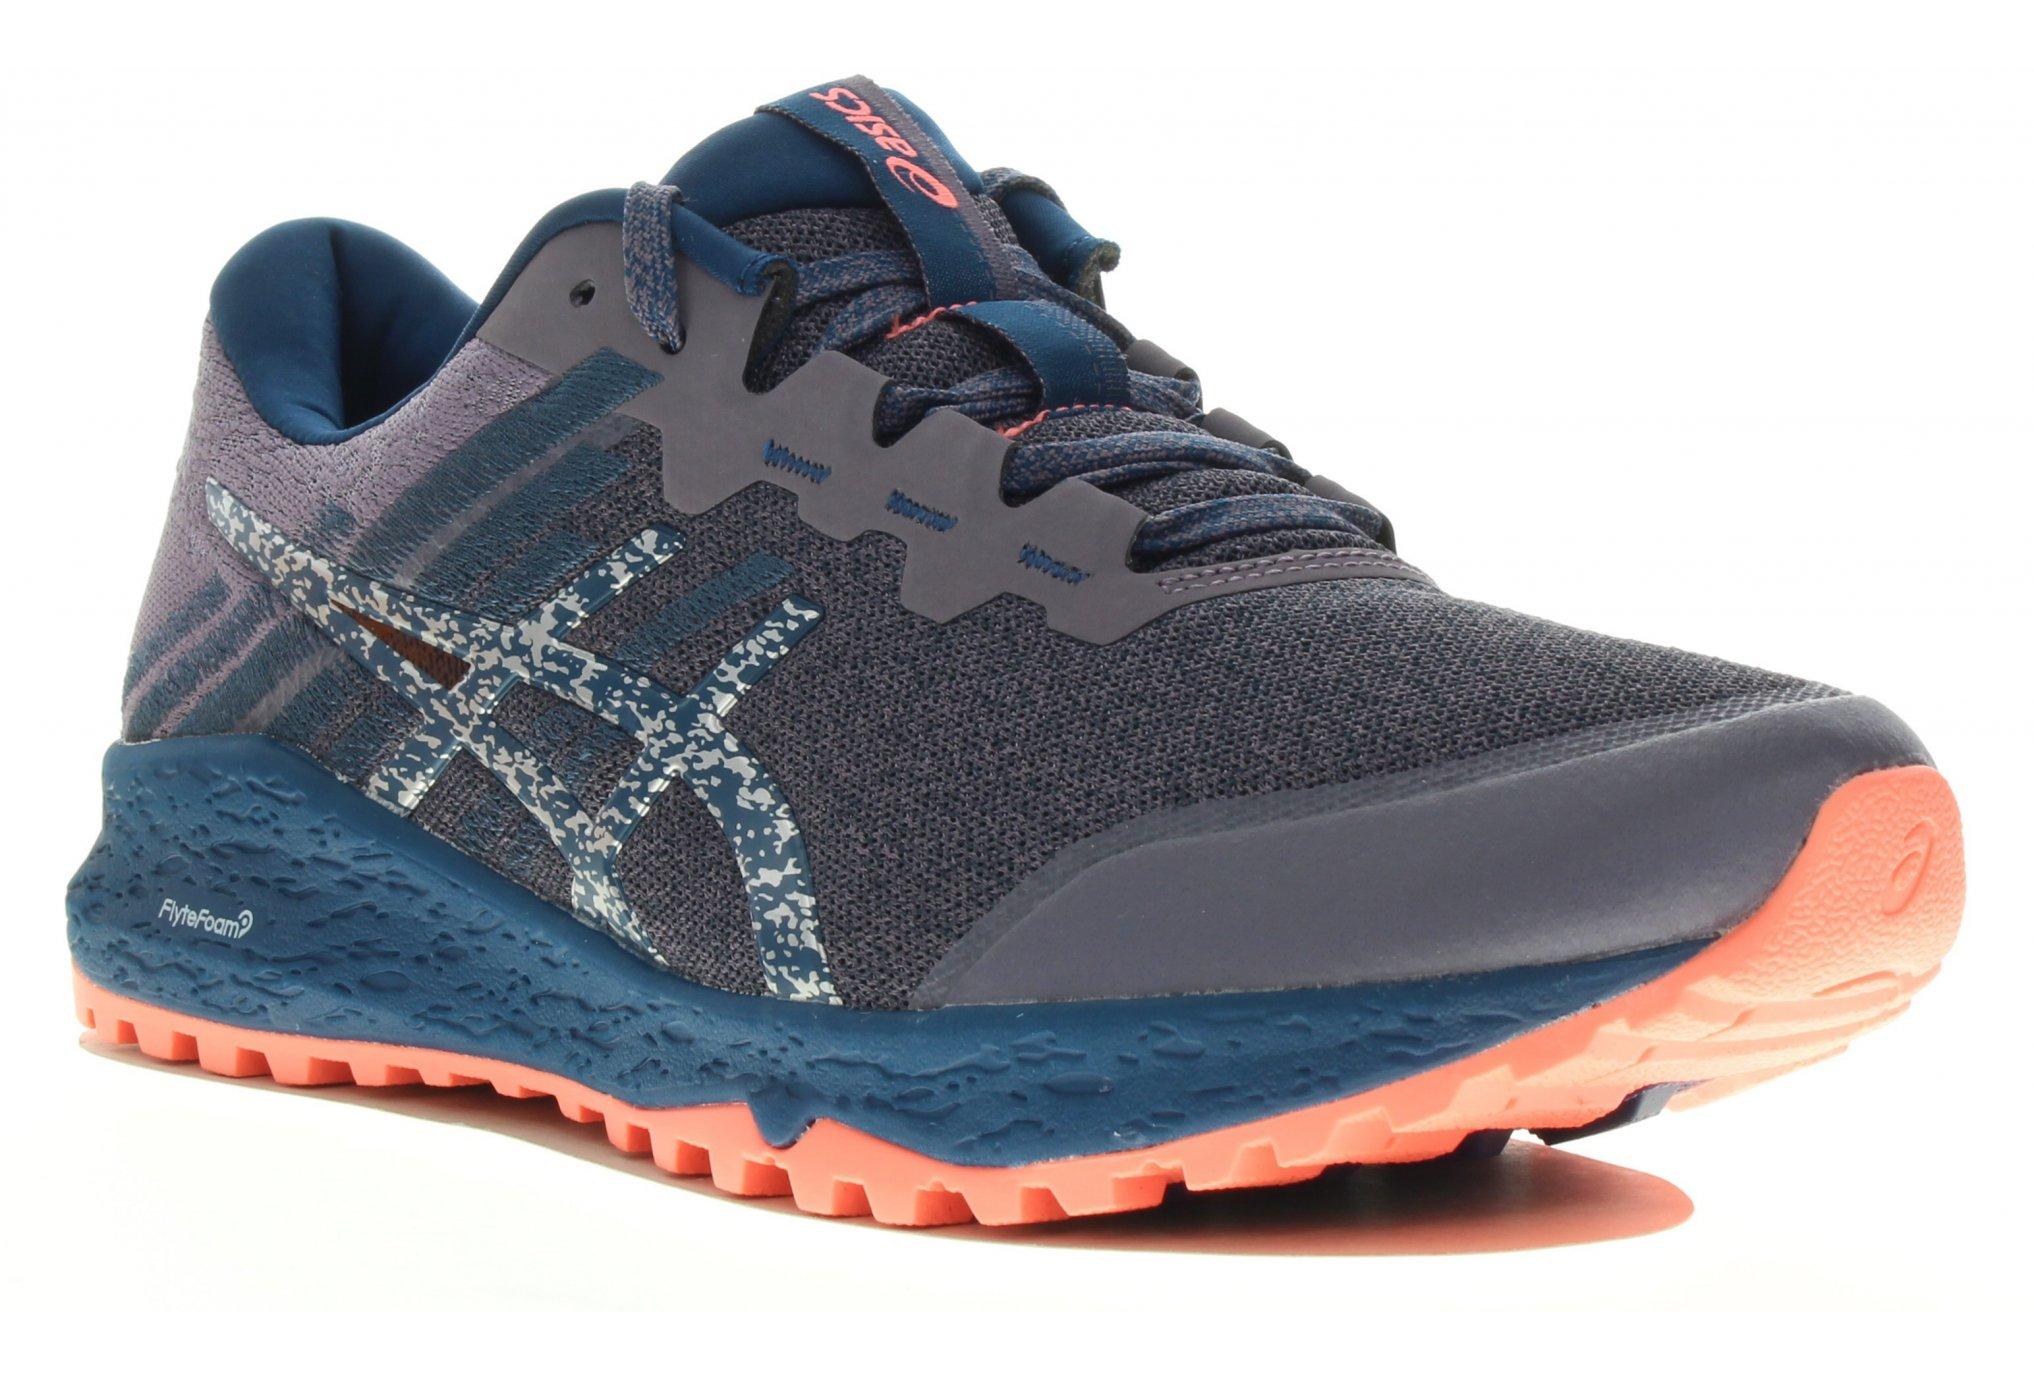 Asics Alpine xt 2 w chaussures running femme